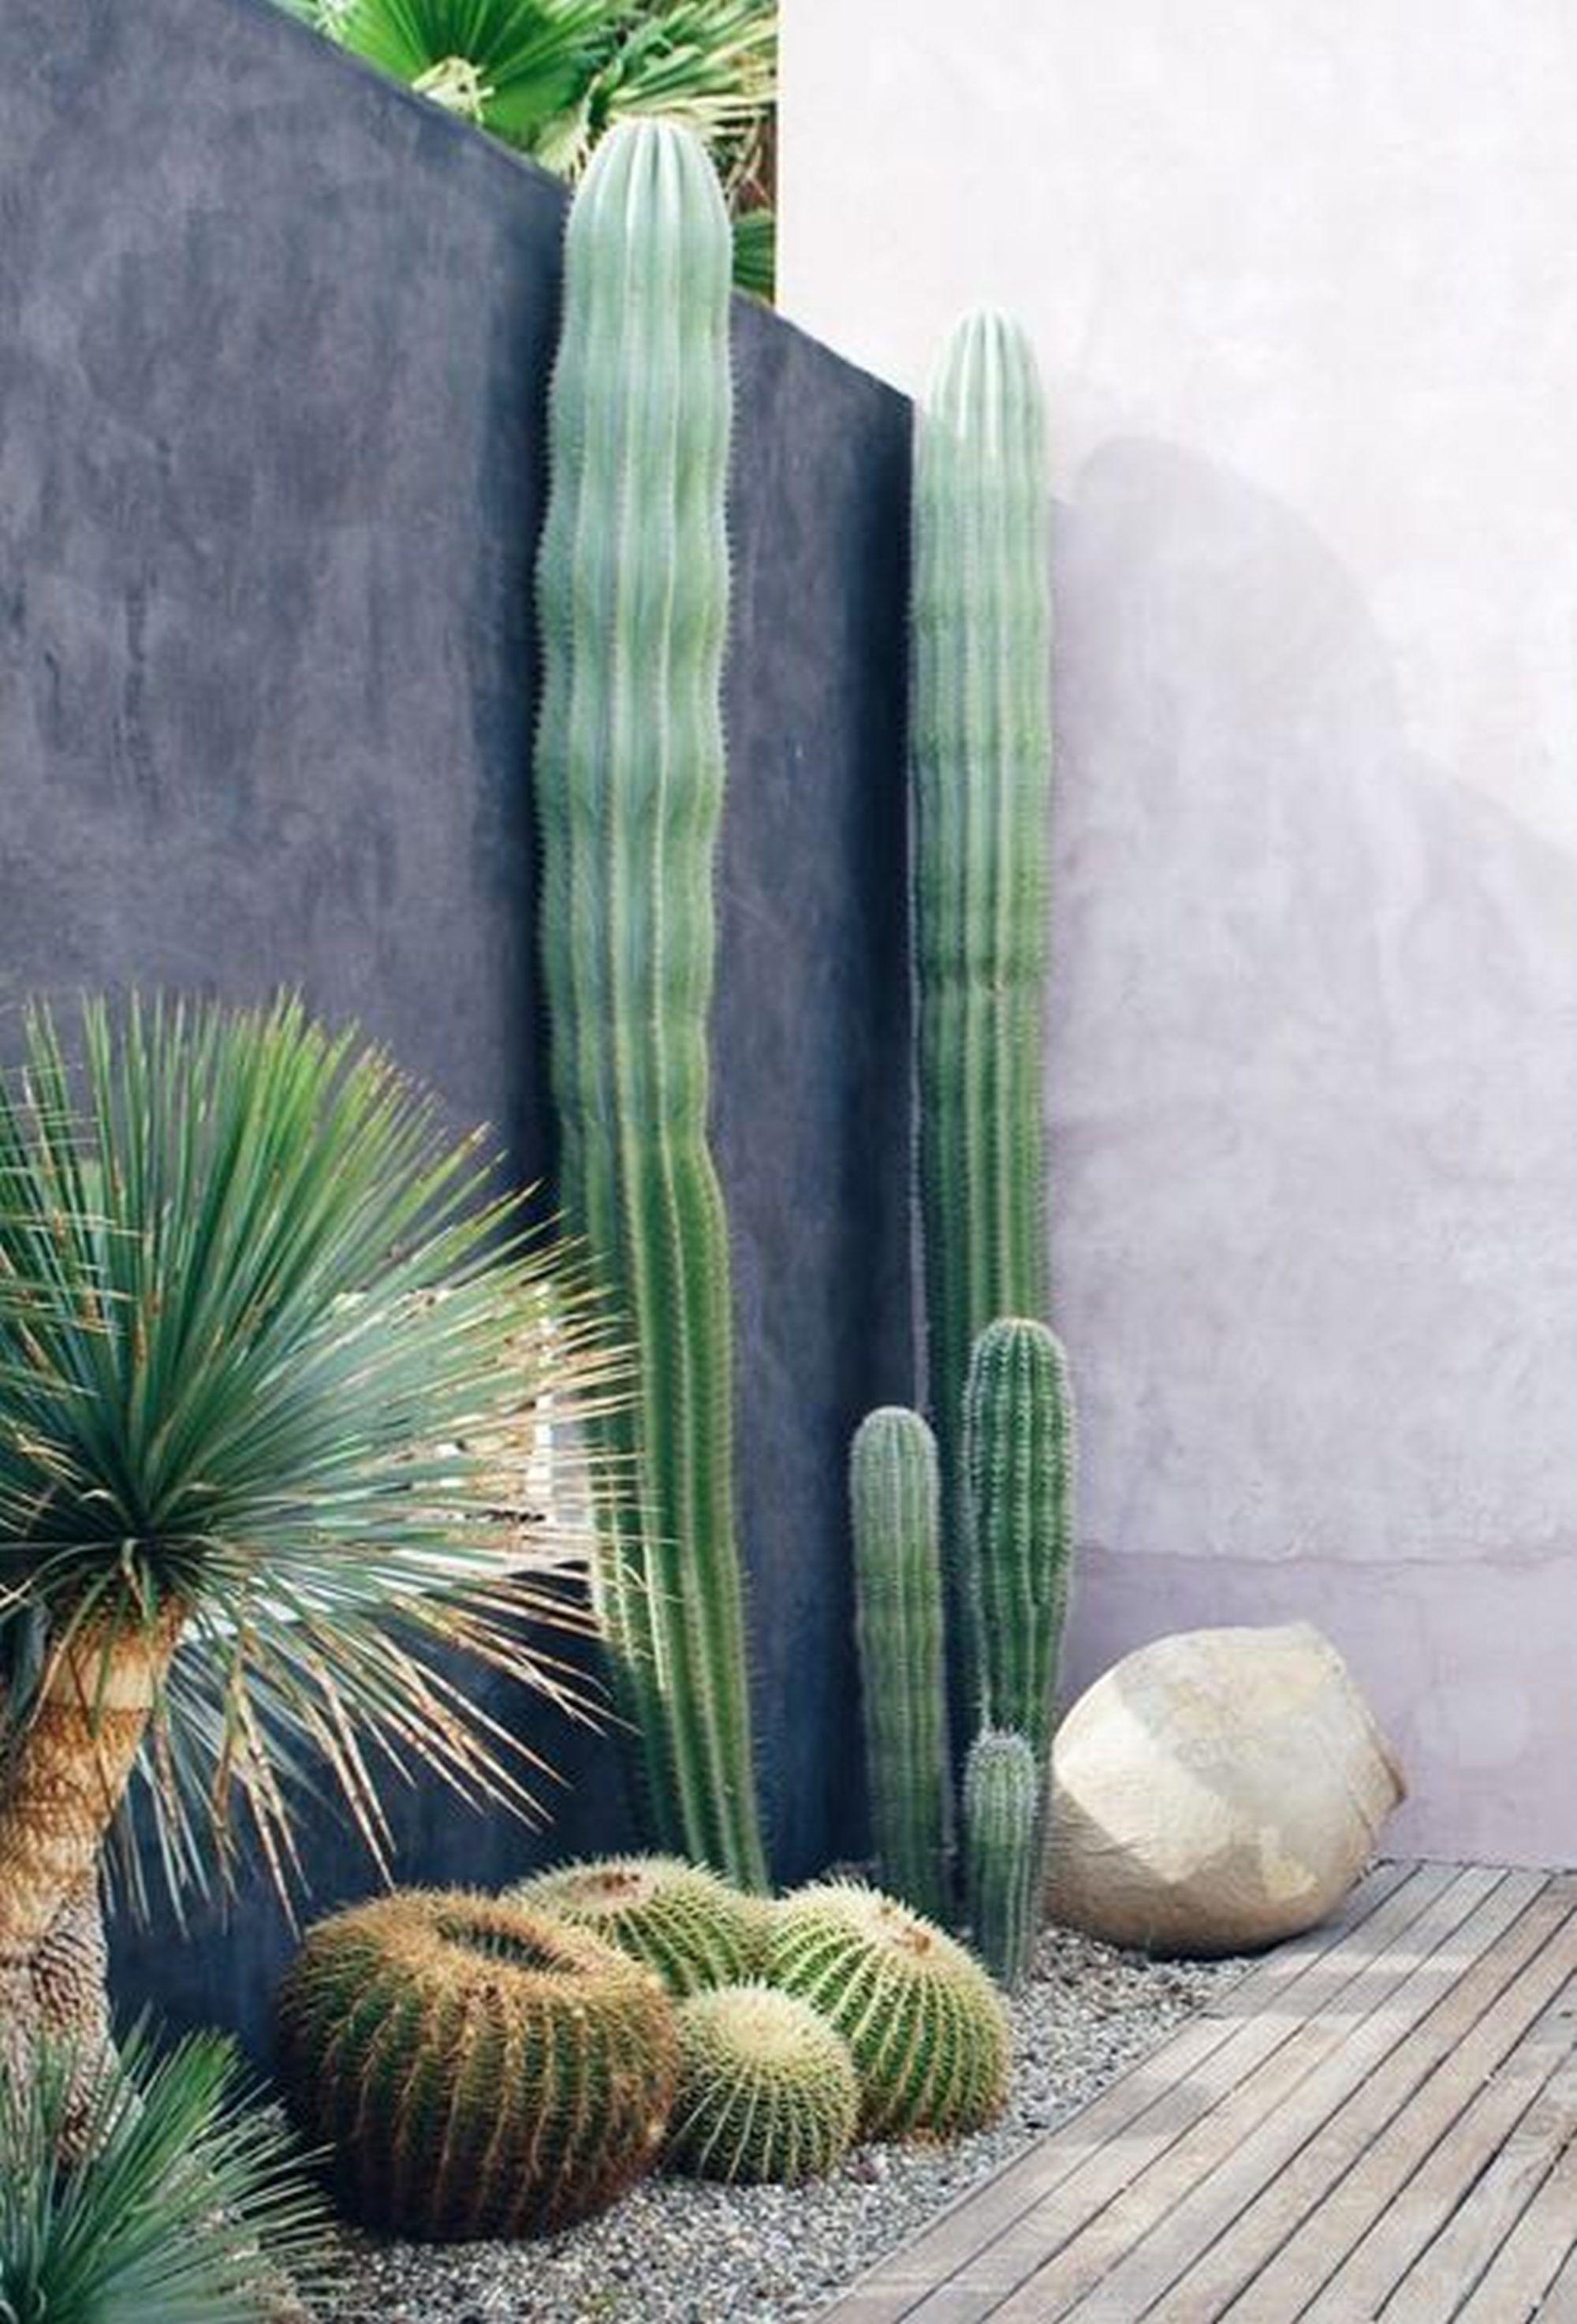 Cactus Dentro De La Casa